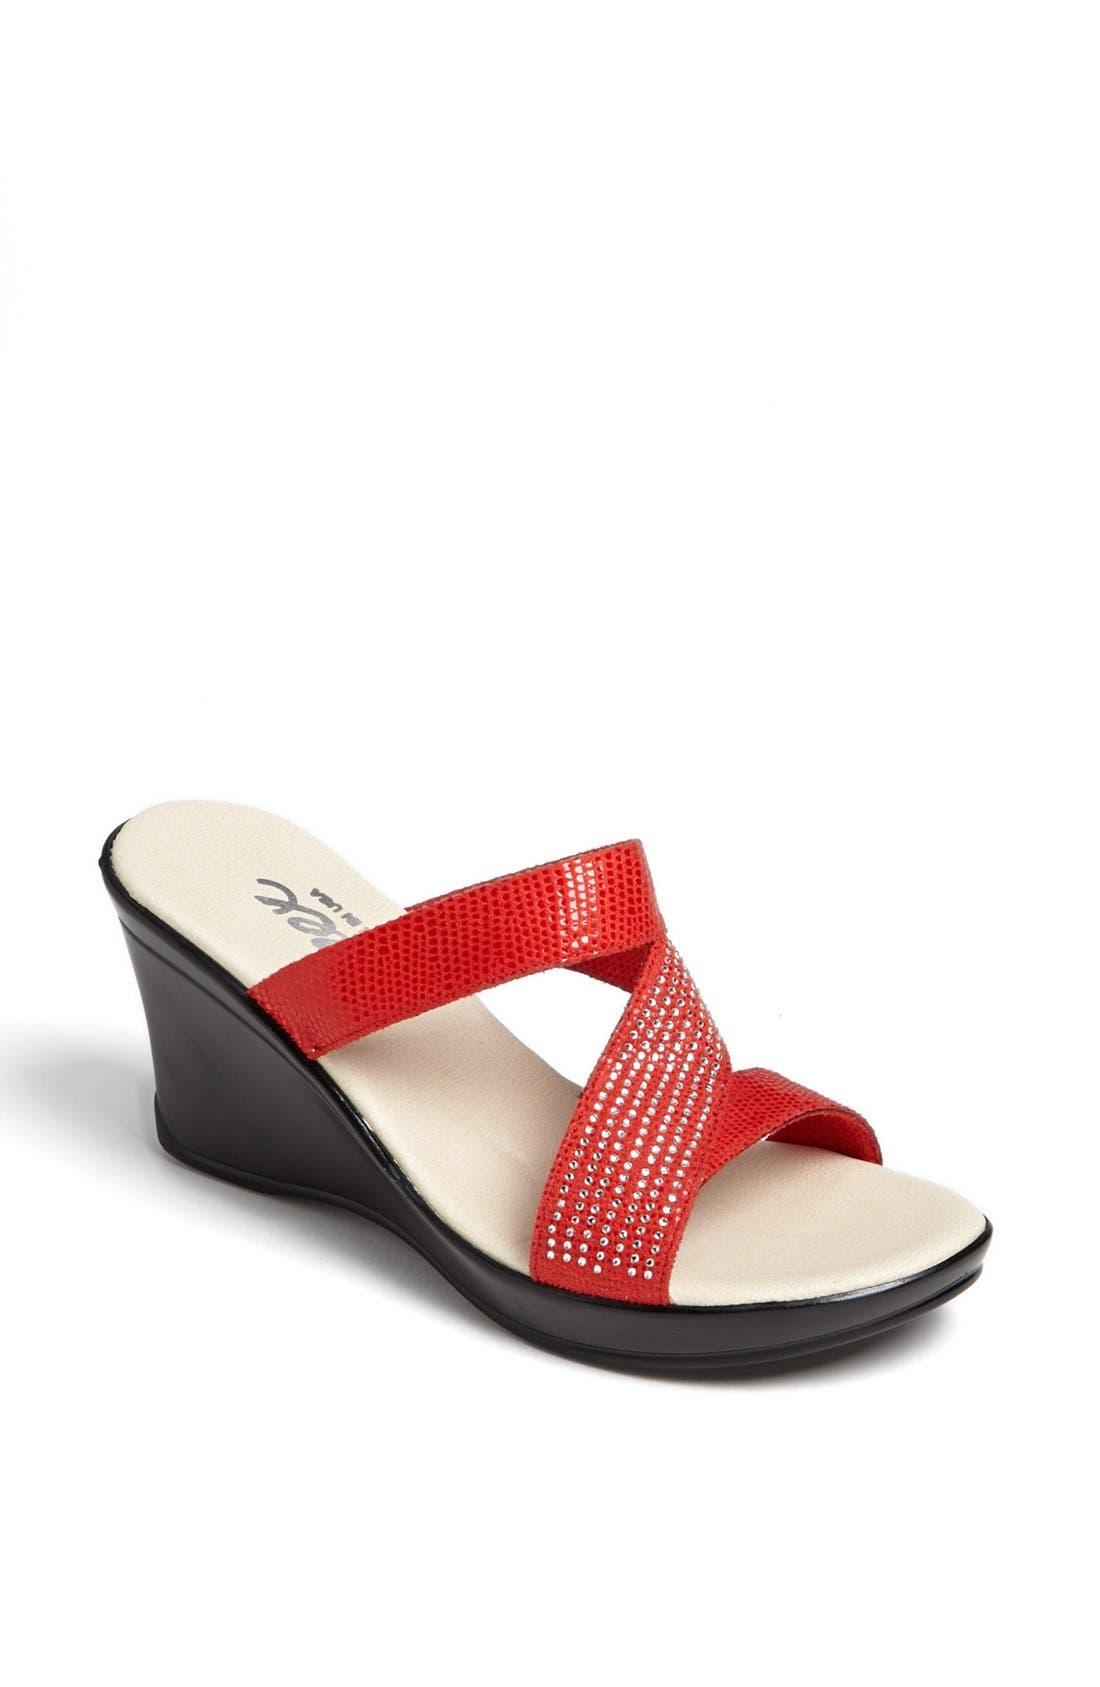 Main Image - Onex 'Savannah' Sandal